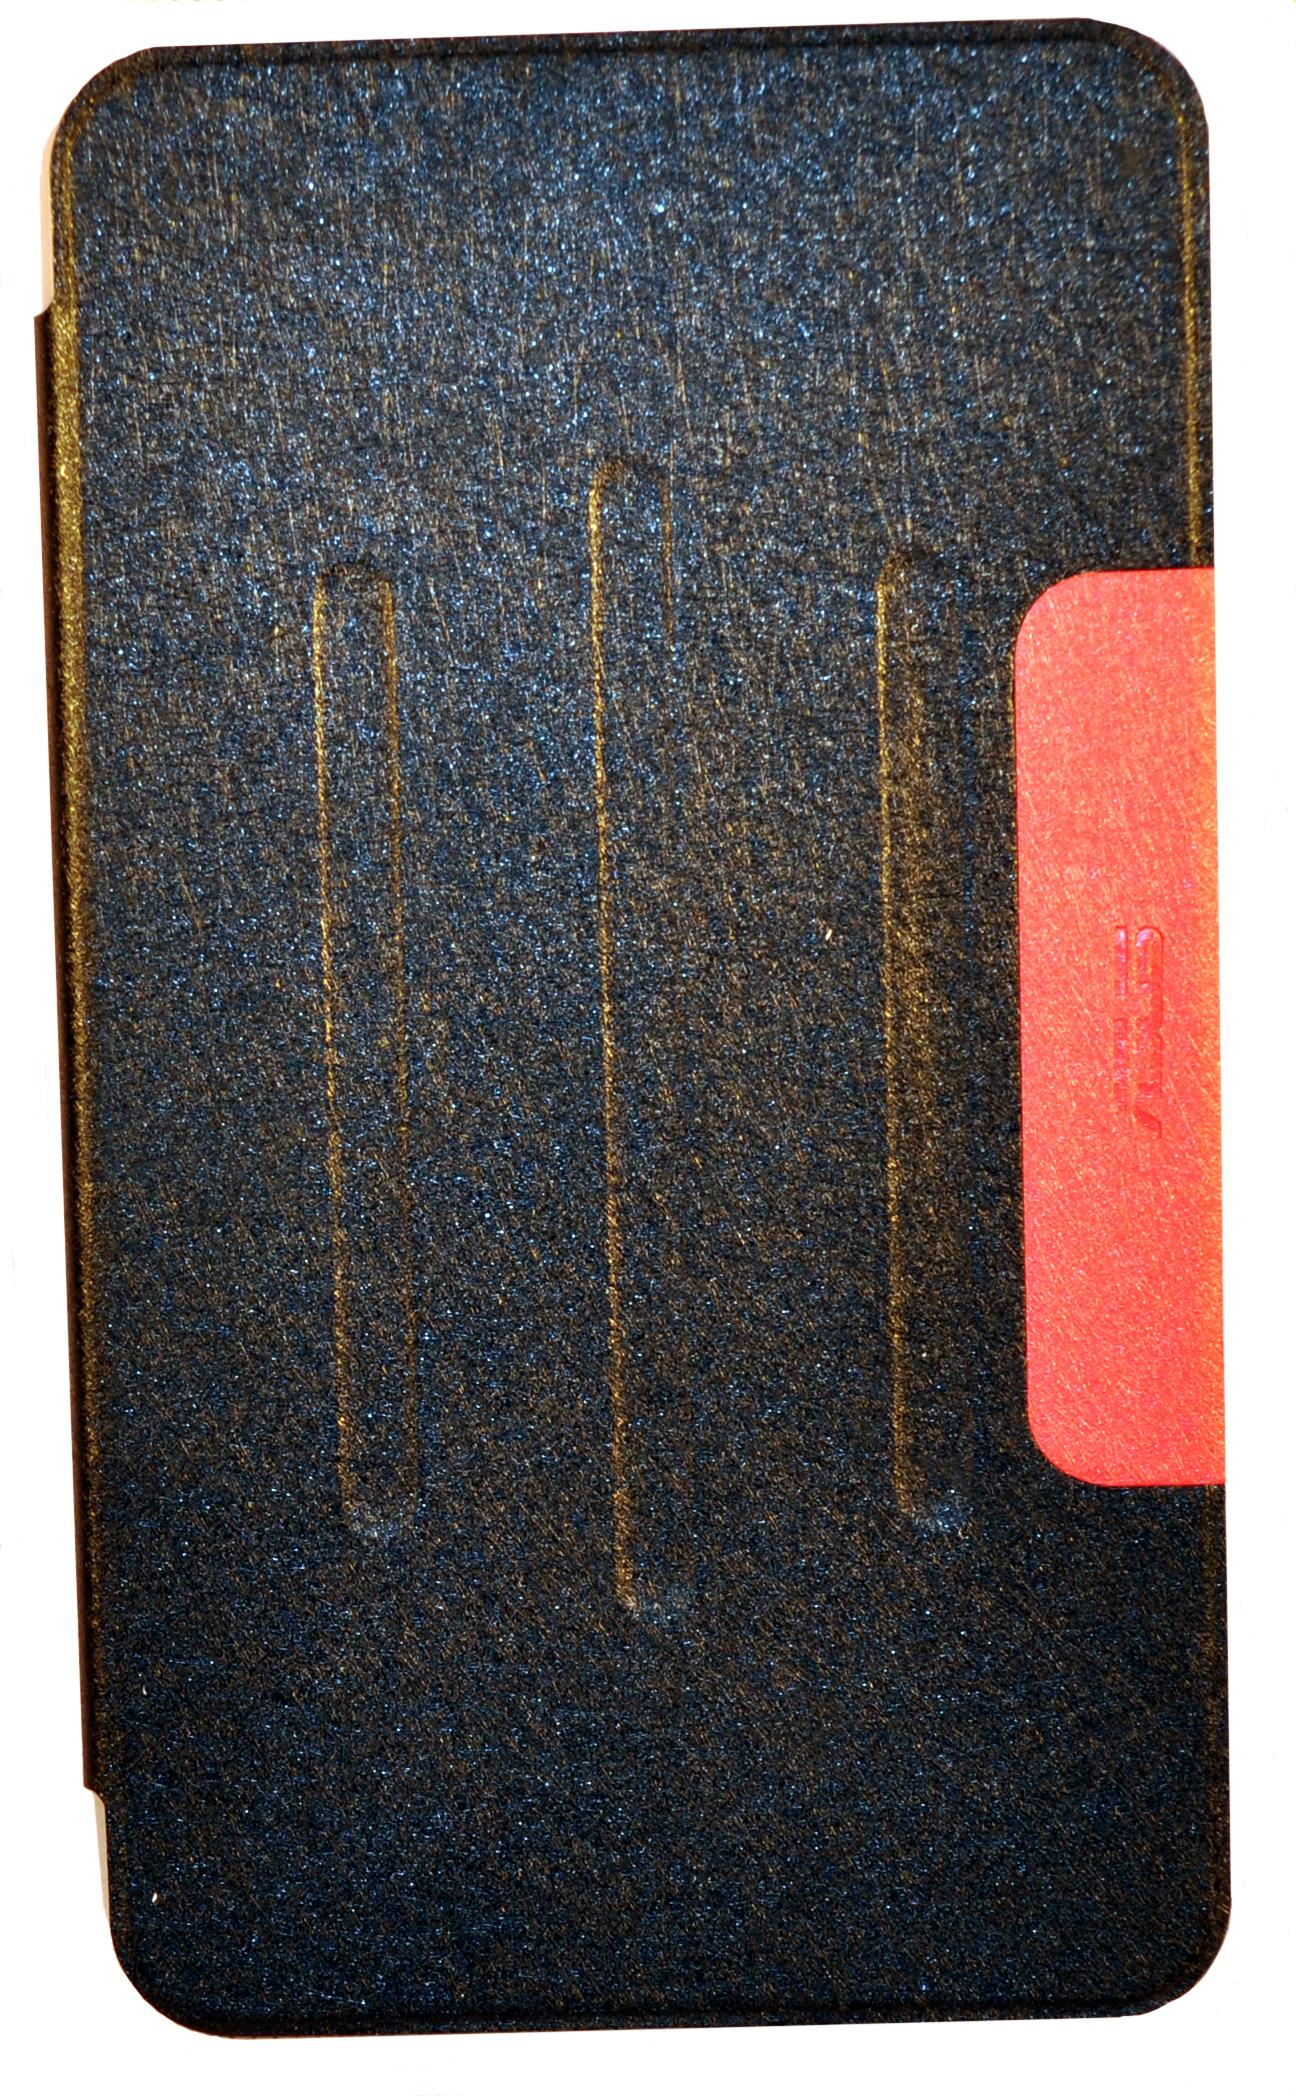 Чехол-книжка Book Cover для ASUS Fonepad 8 FE380CG чёрный 2000878020597